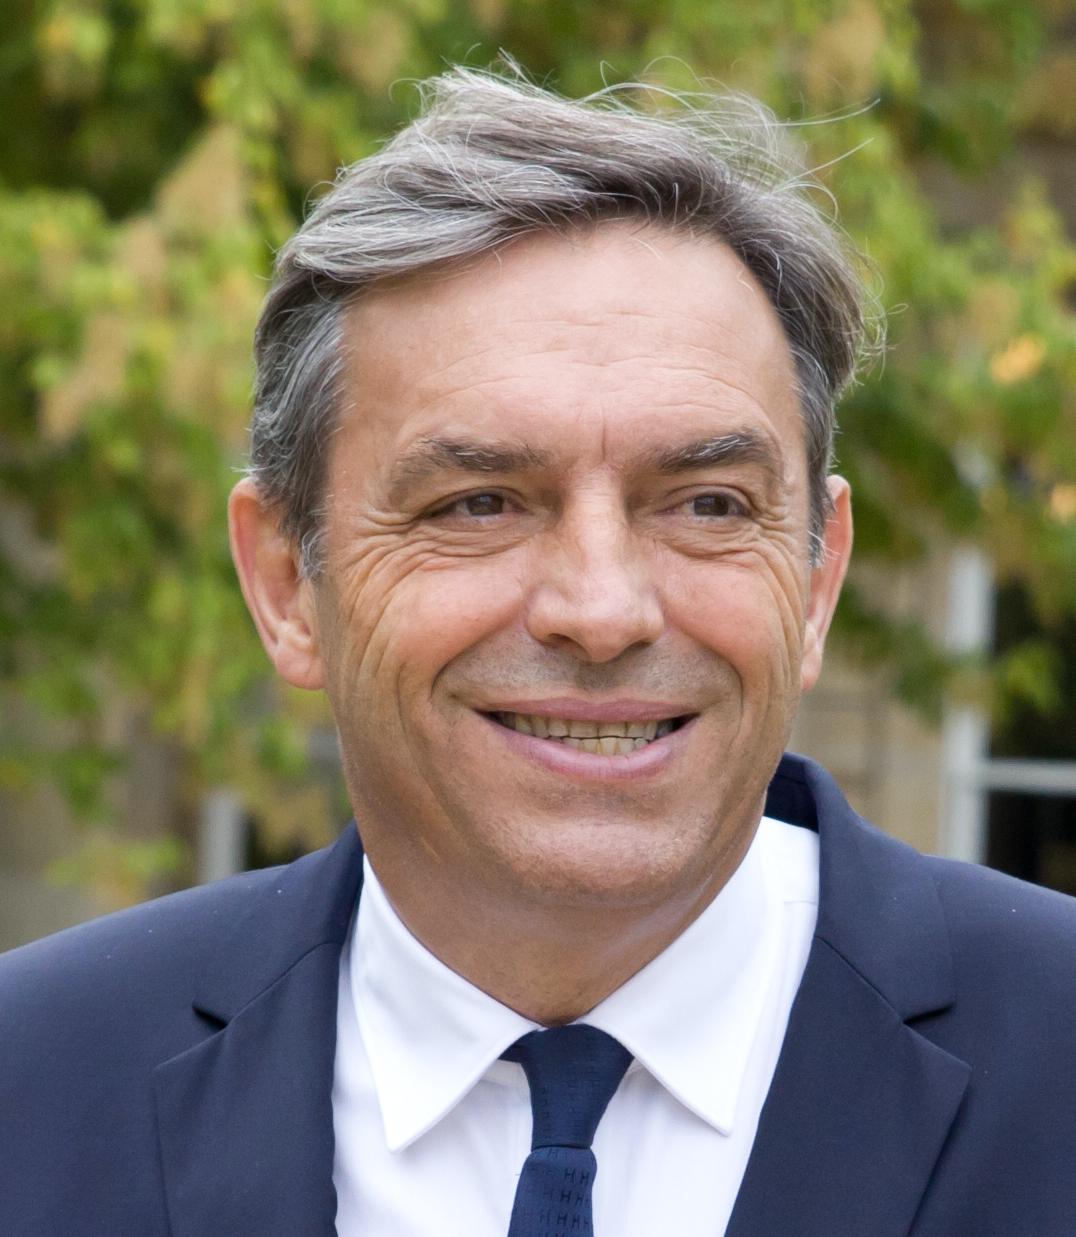 Le député Daniel Labaronne